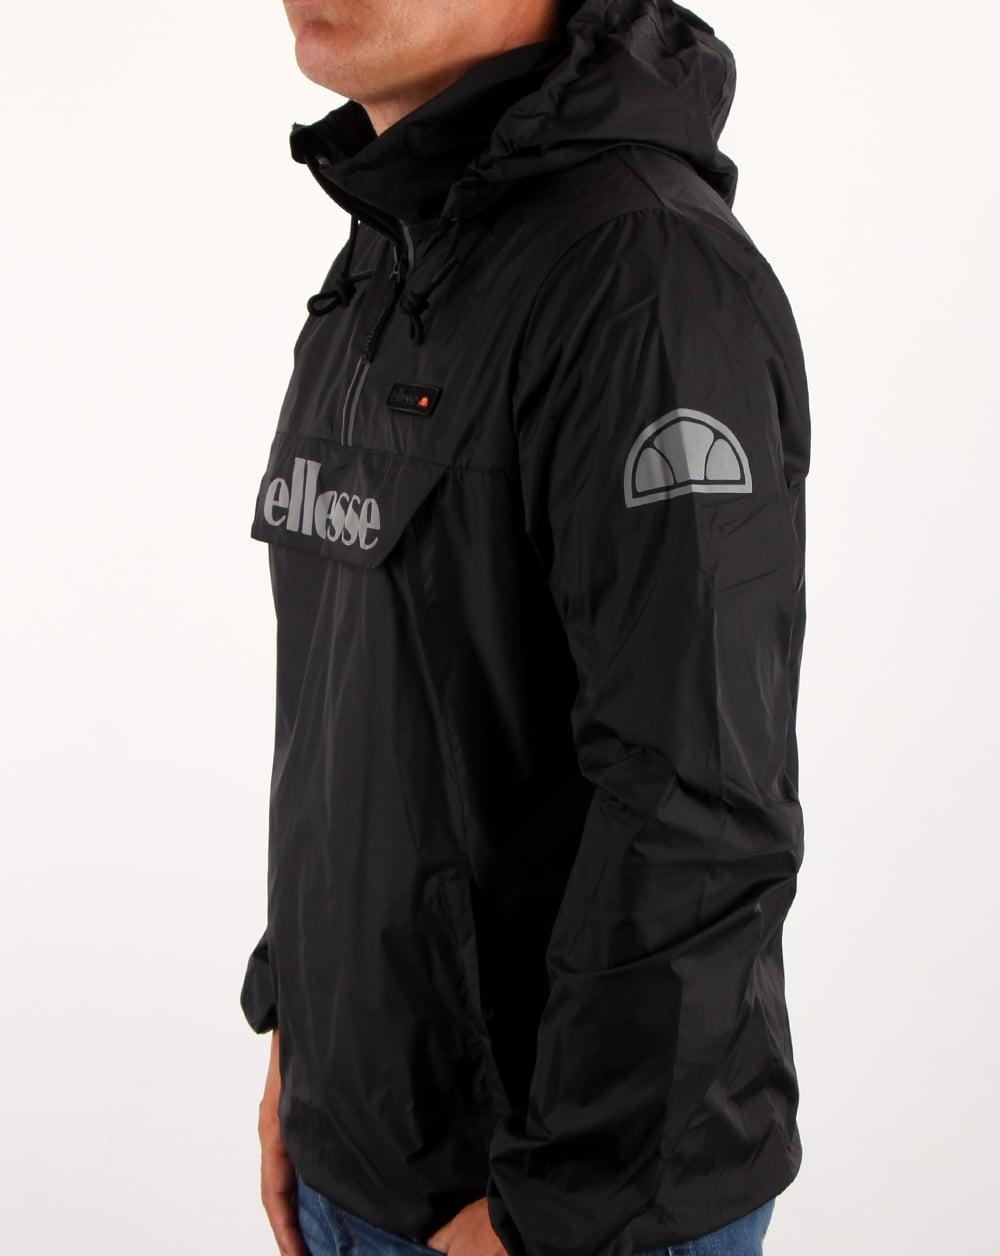 ellesse ion half zip jacket black men 39 s coat windrunner. Black Bedroom Furniture Sets. Home Design Ideas